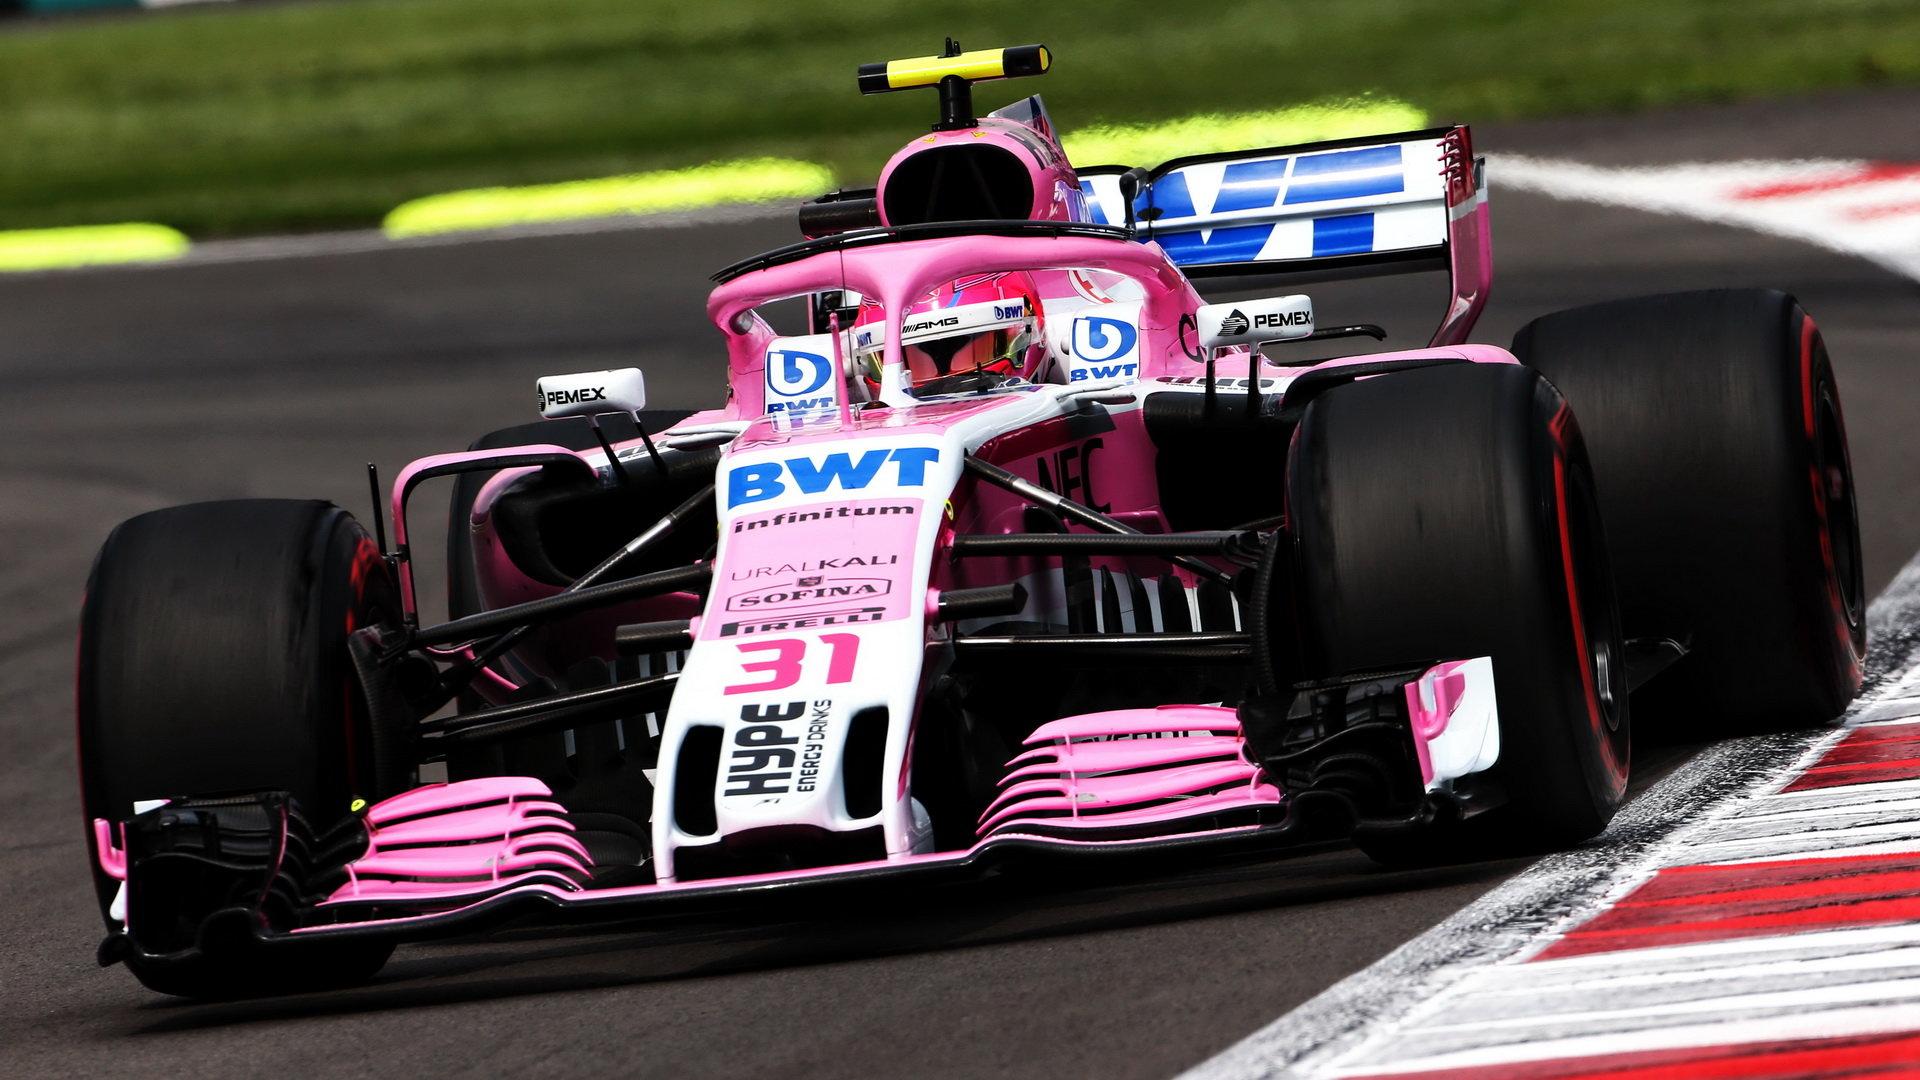 Force India loni o své body v létě po krachu přišla, přesto se dokázala dostat zpět na 7. příčku